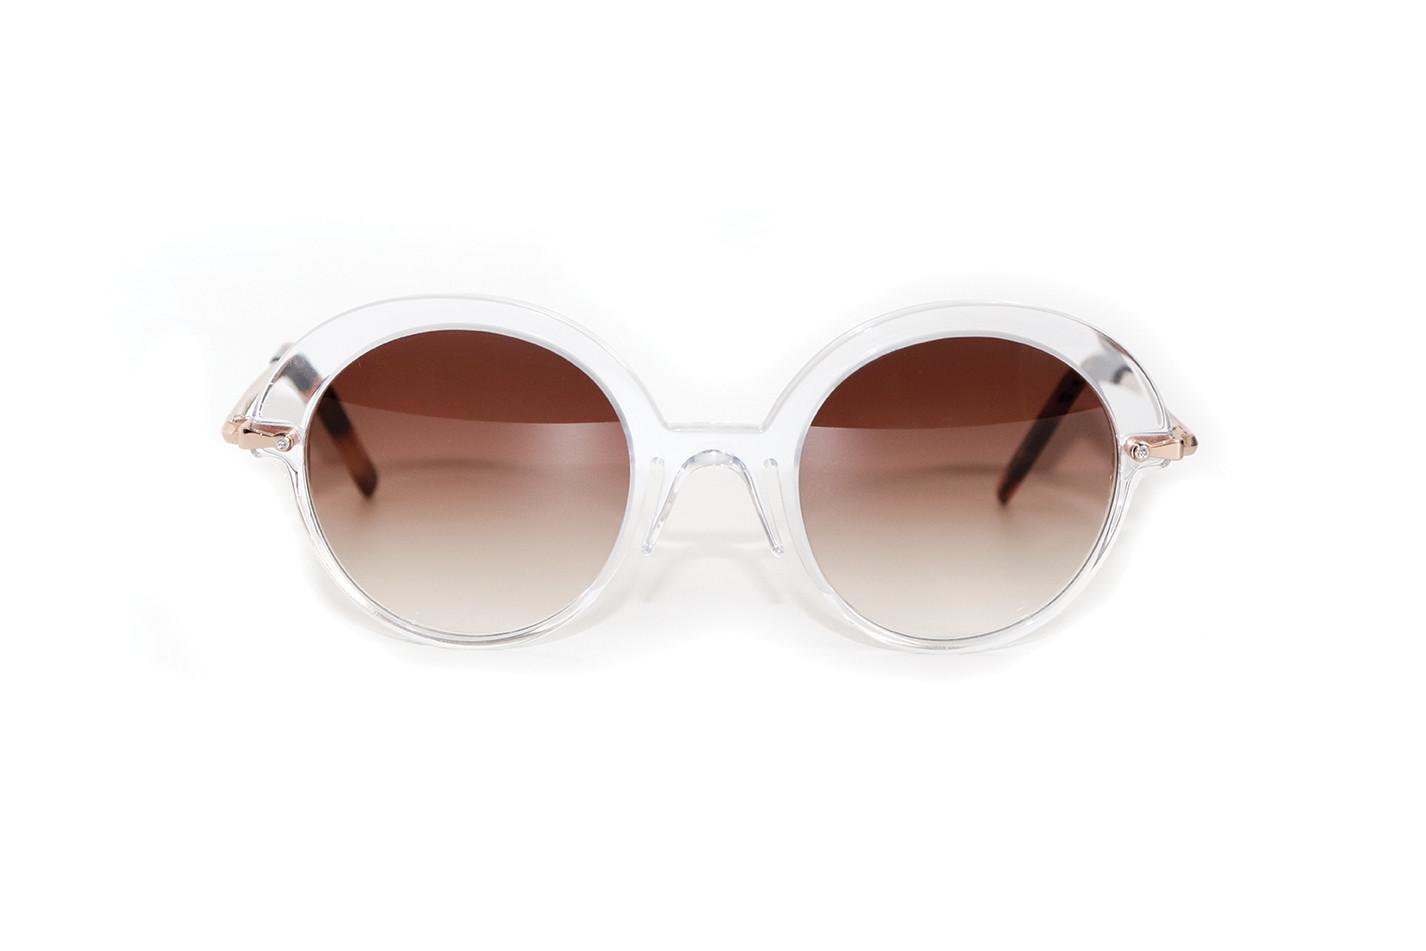 kleys-lunettes-francaises-pilar-2597-rvb